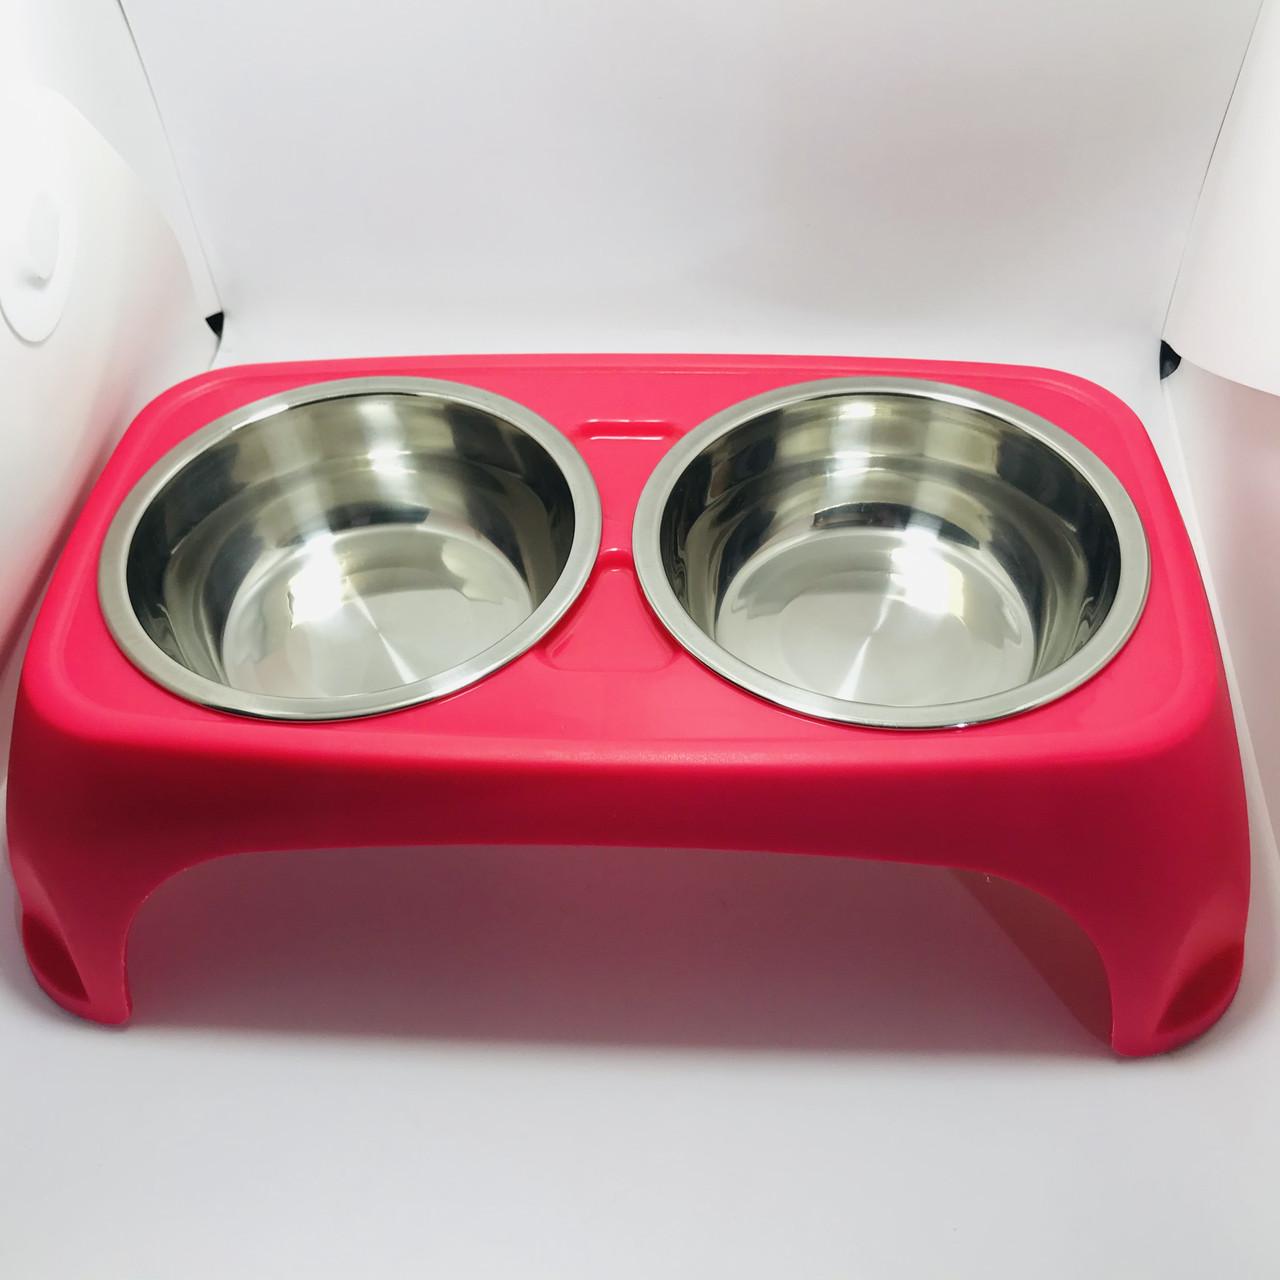 Столик бар з двома металевими мисками пластиковий для собак 400мл SY-A029